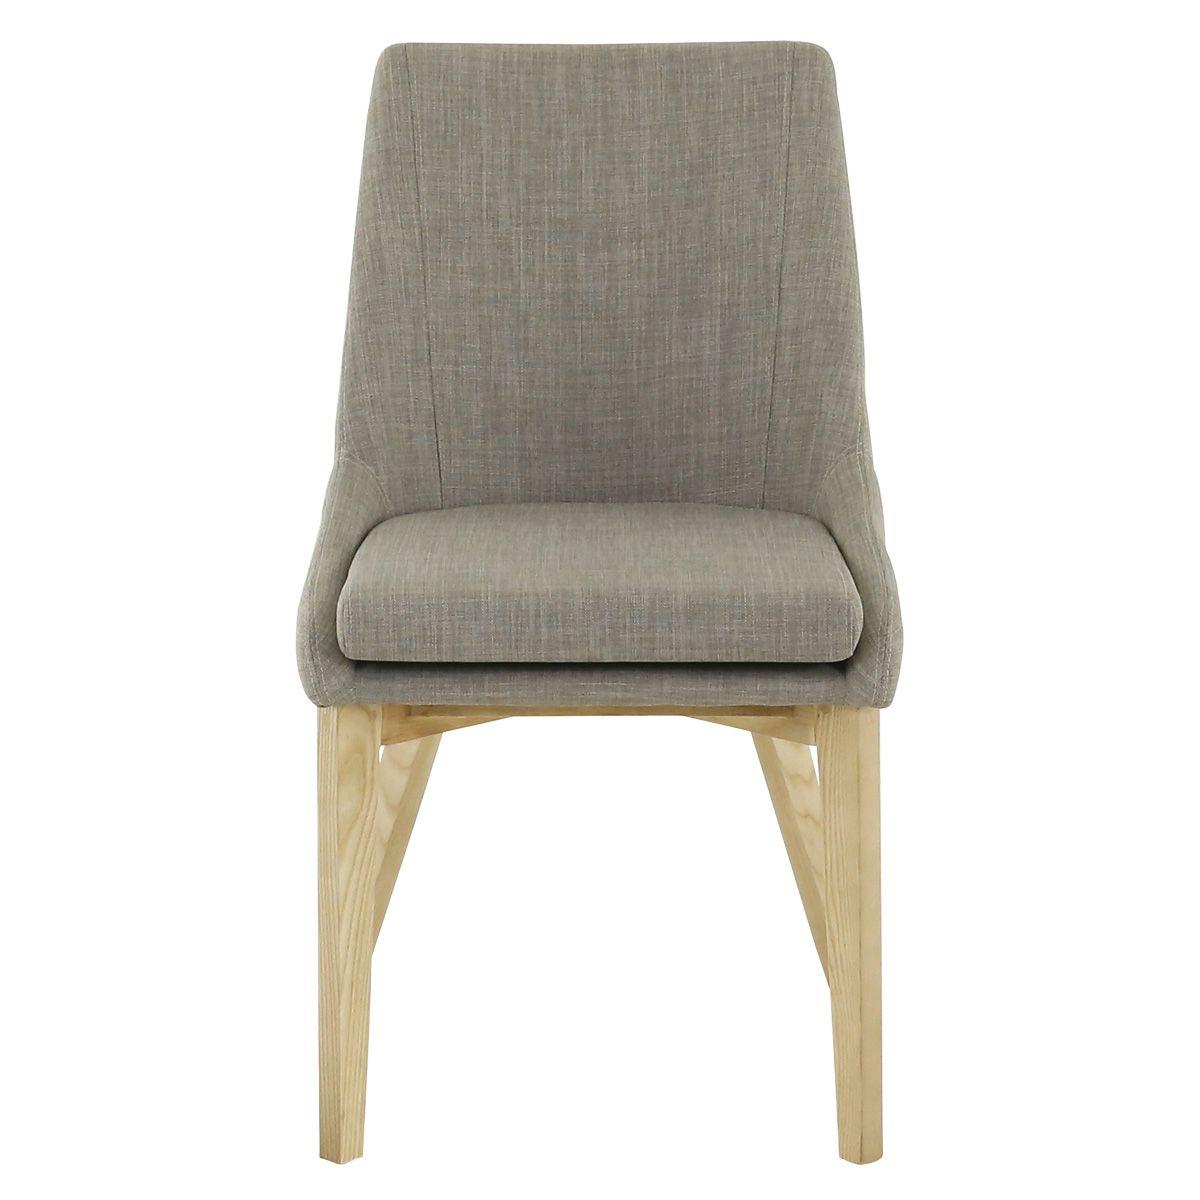 Chaise tissu style scandinave gris clair et bois de frêne Pistil